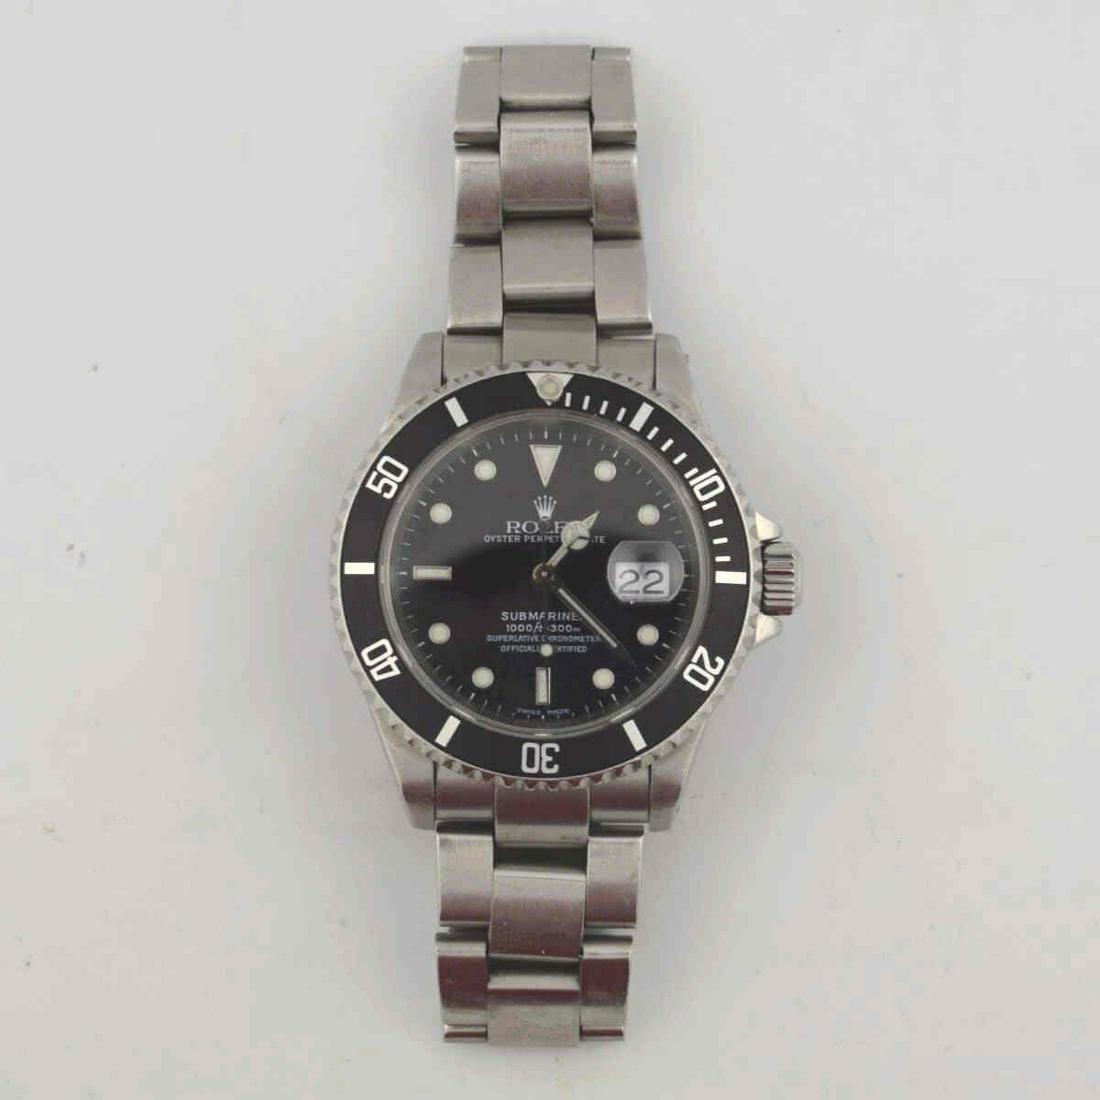 Stainless Steel Rolex Submariner watch